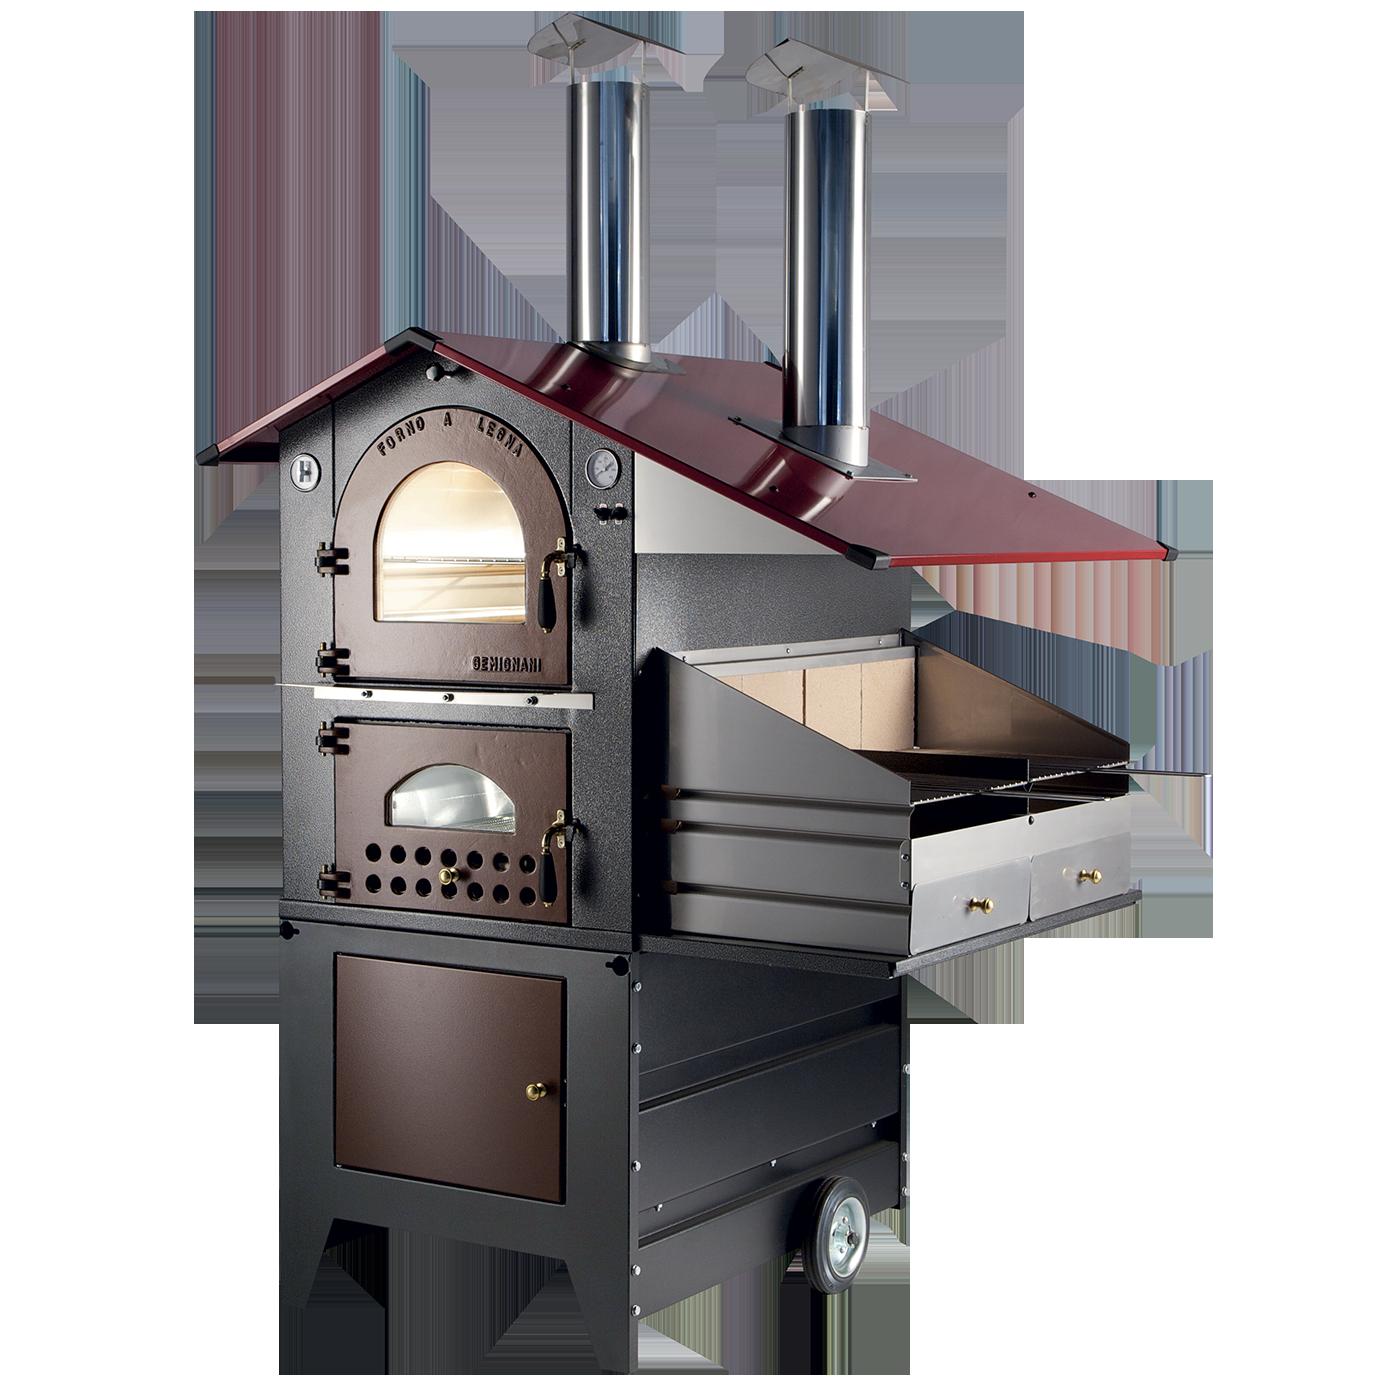 Forni a legna gemignani macchine enologiche macchina - Barbecue da giardino a legna ...